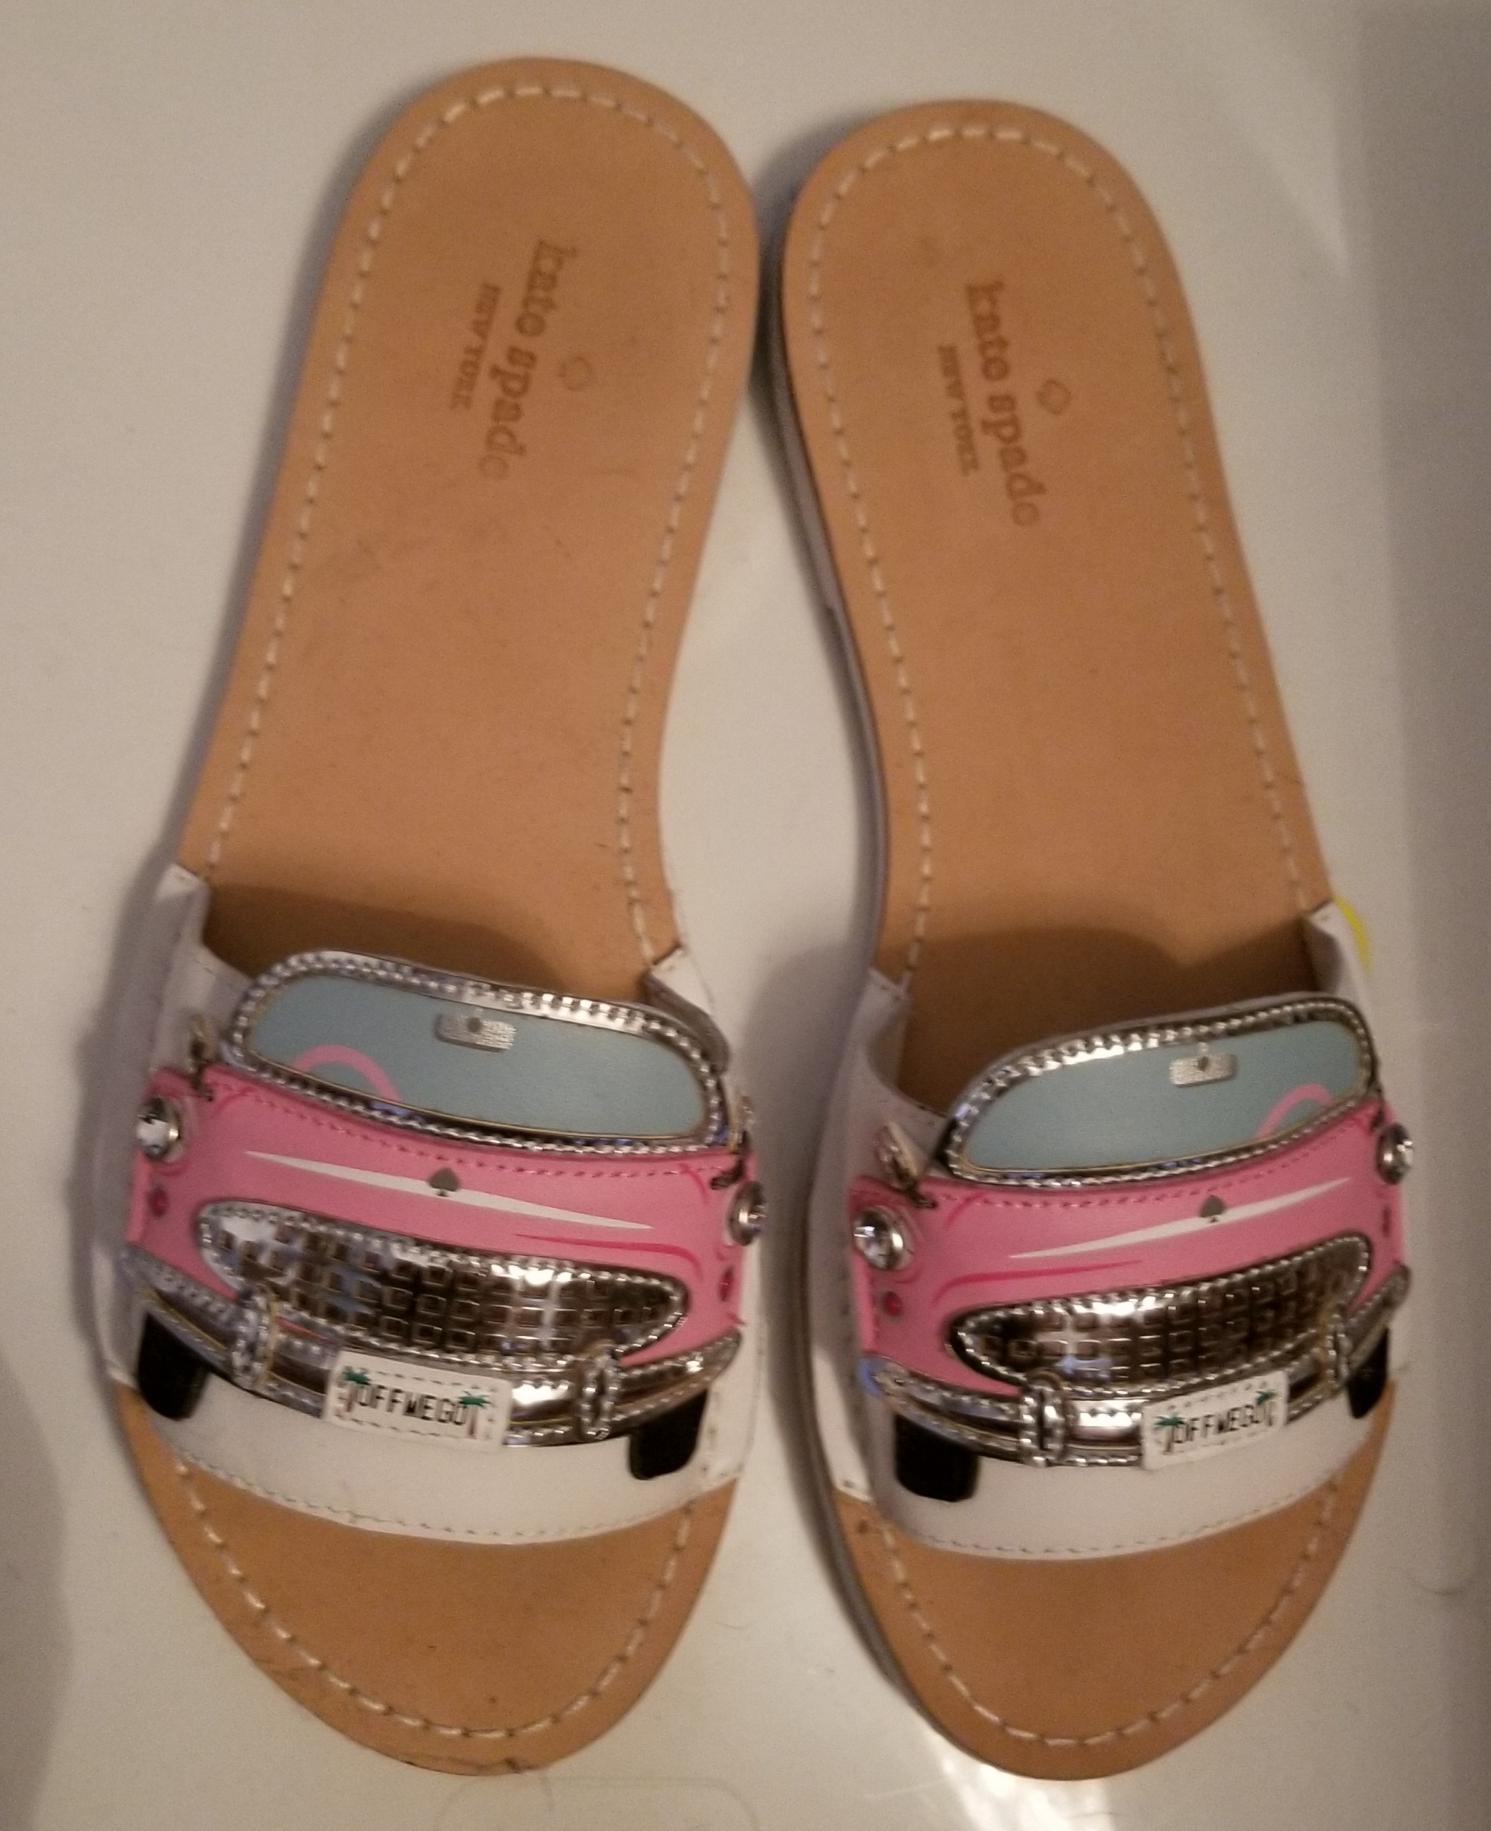 kate spade pink cadillac shoes